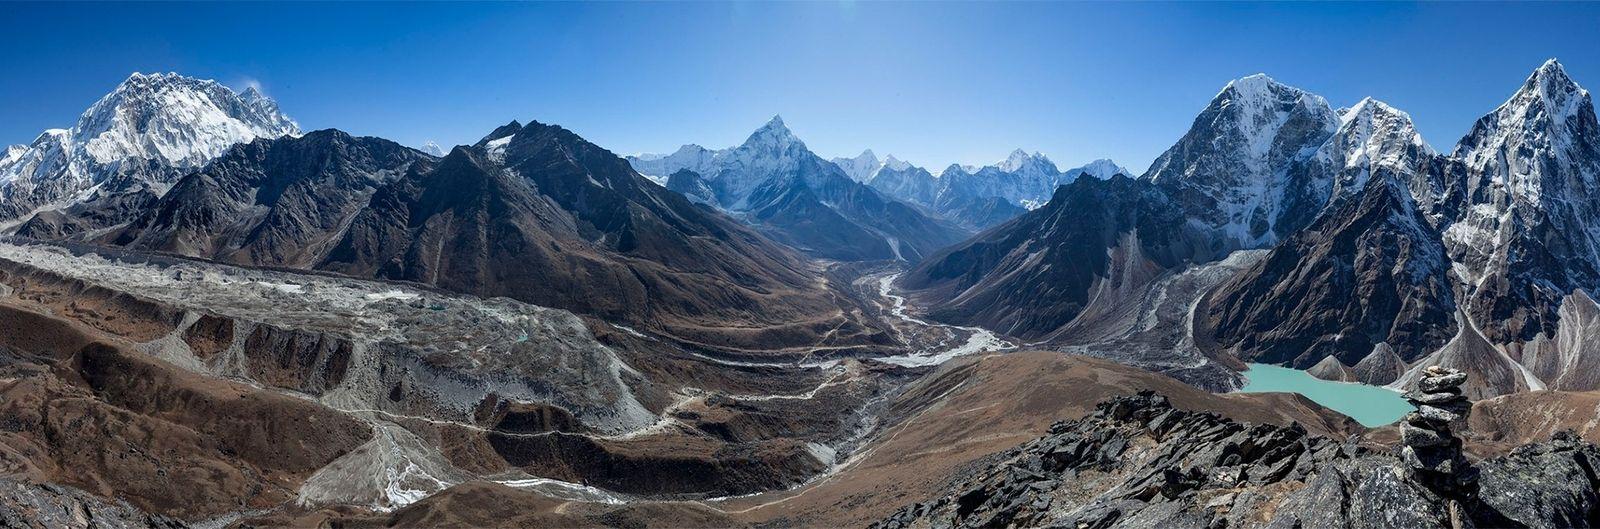 O terreno dramático do Vale de Khumbu apresenta um desafio complexo aos engenheiros civis que tentam ...